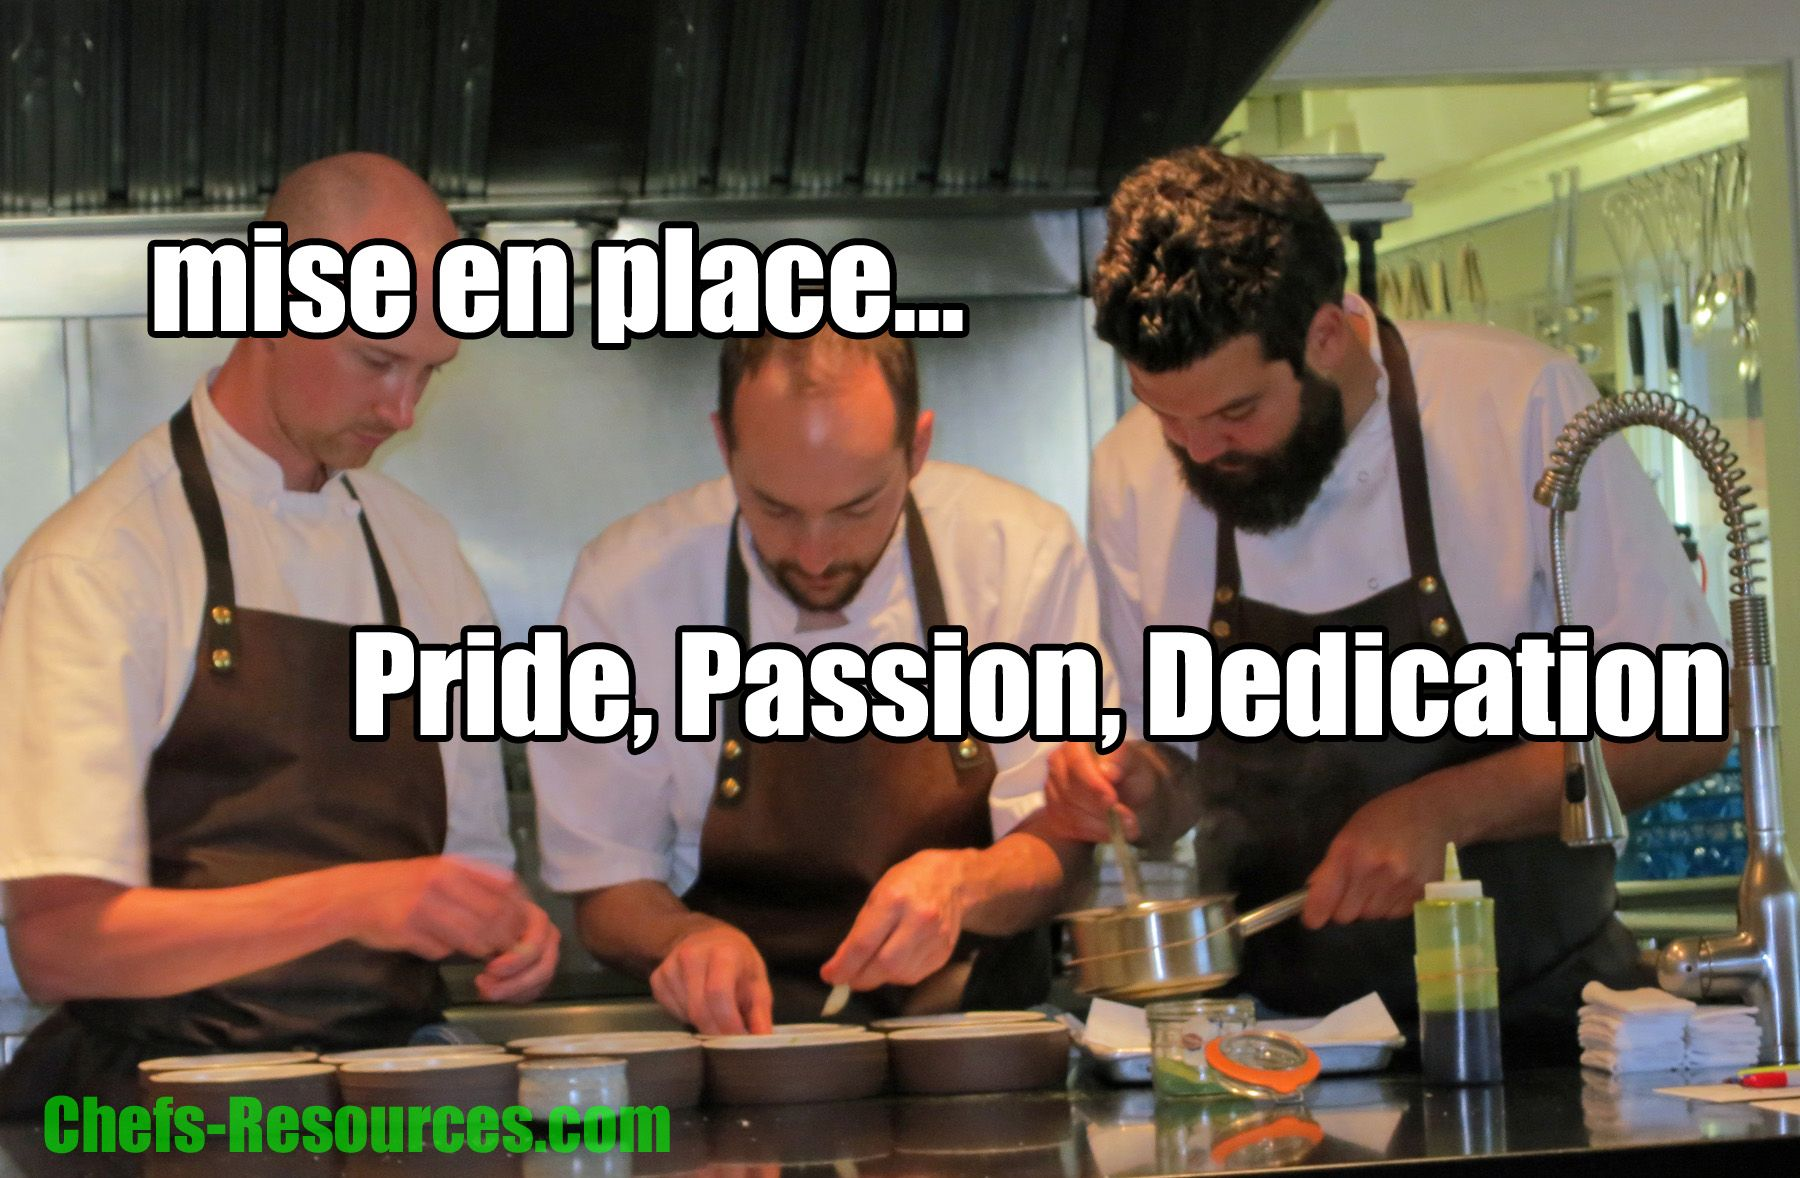 Mise en place pride passion dedication chefs resources com kitchen